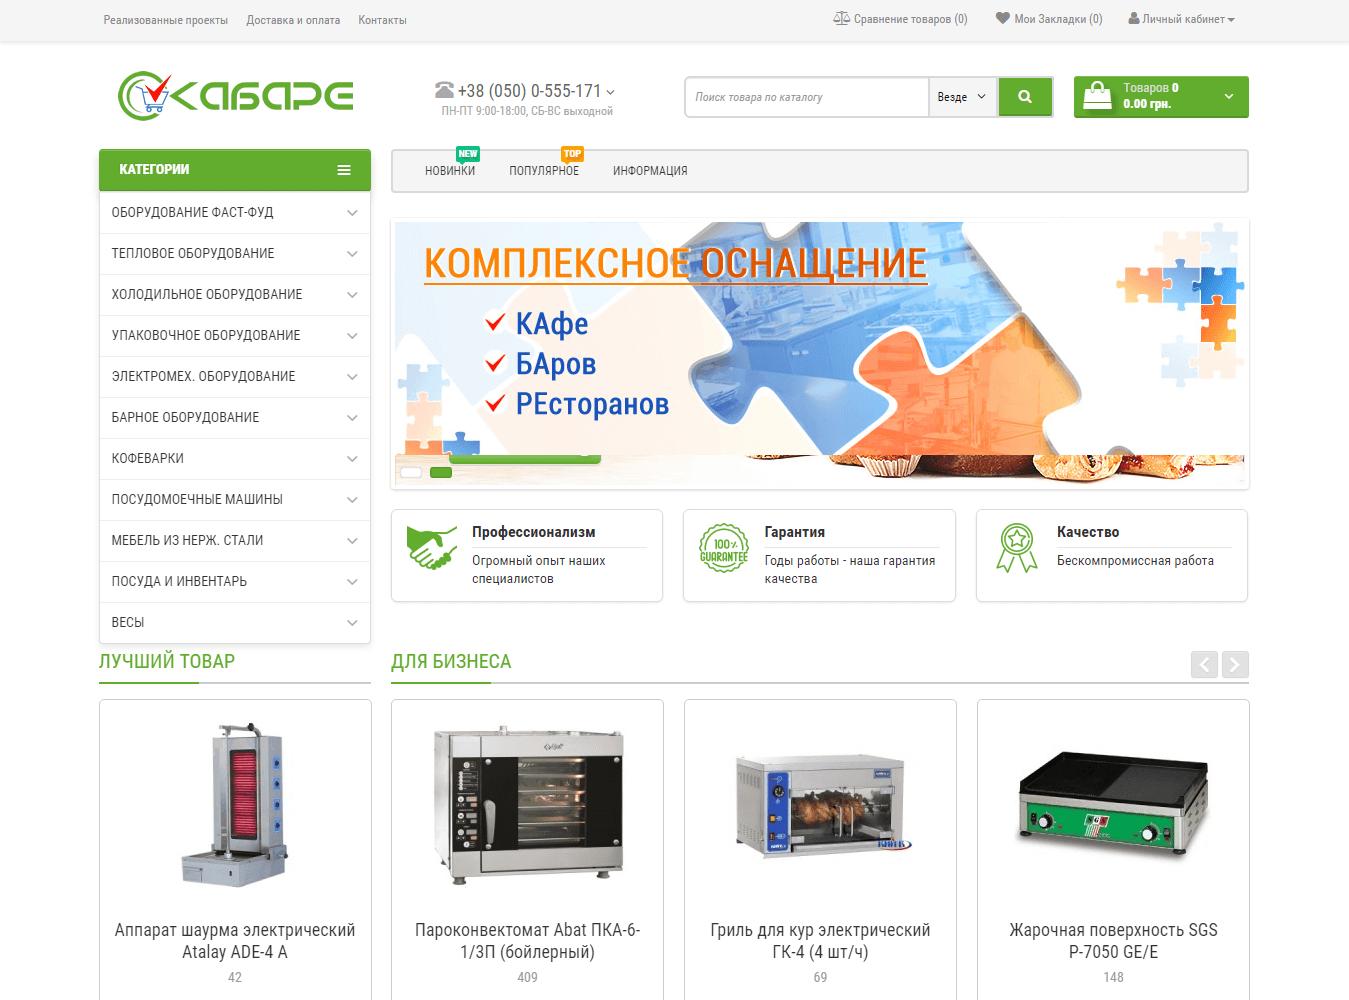 Интернет-магазин оборудования для кафе, баров и ресторанов